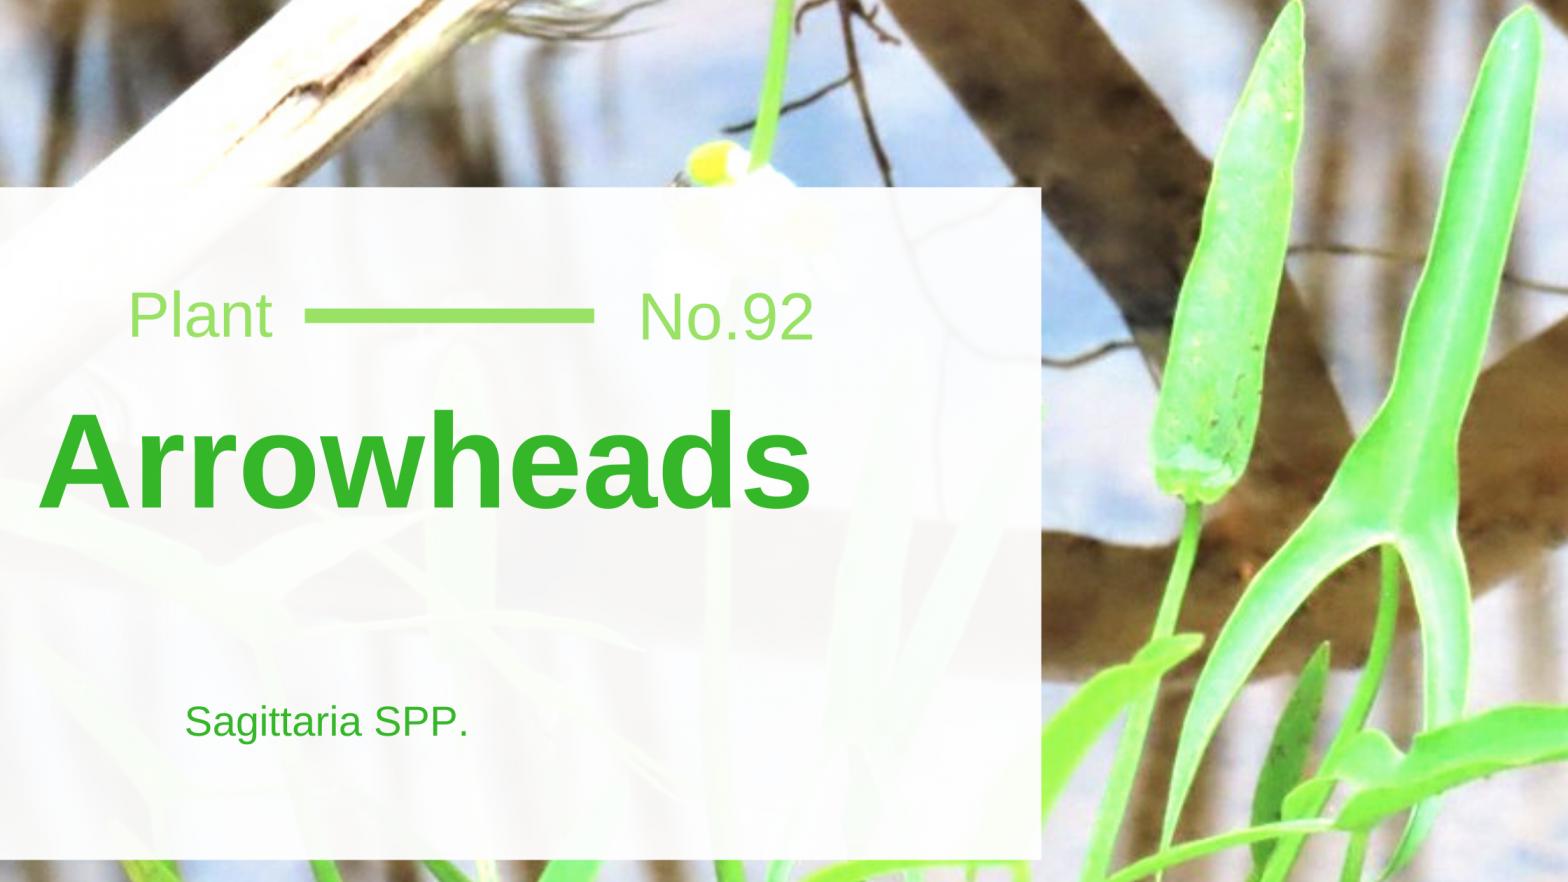 Arrowhead - Sagittaria SPP.